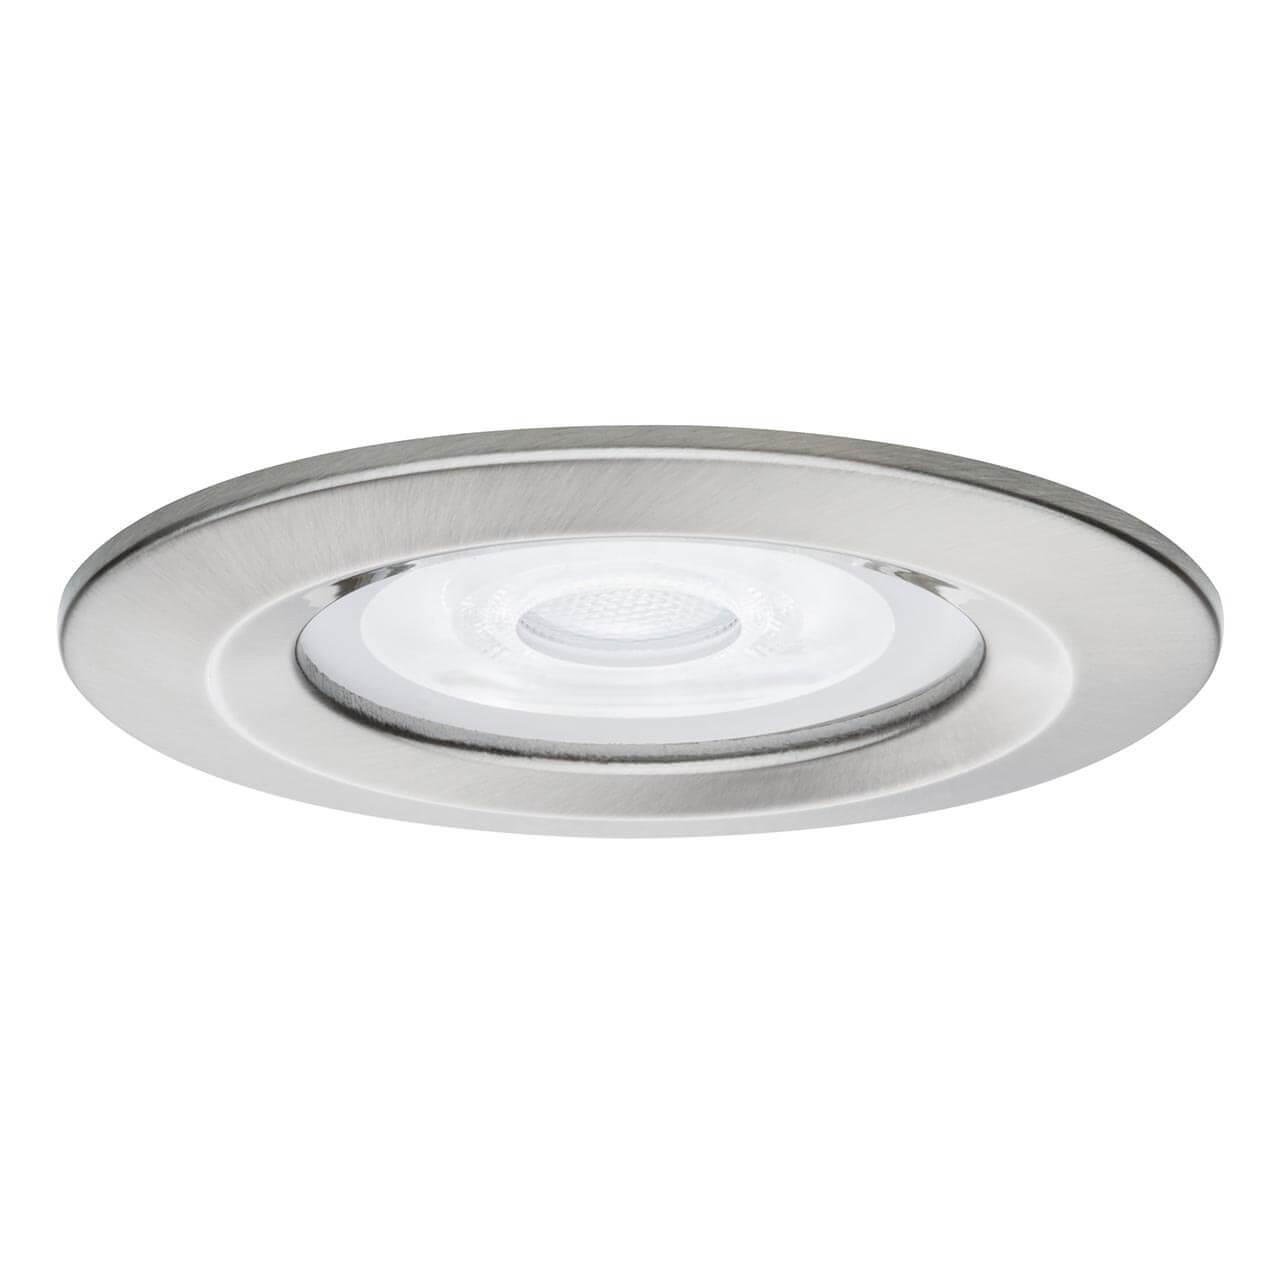 Встраиваемый светодиодный светильник Paulmann Nova 93654